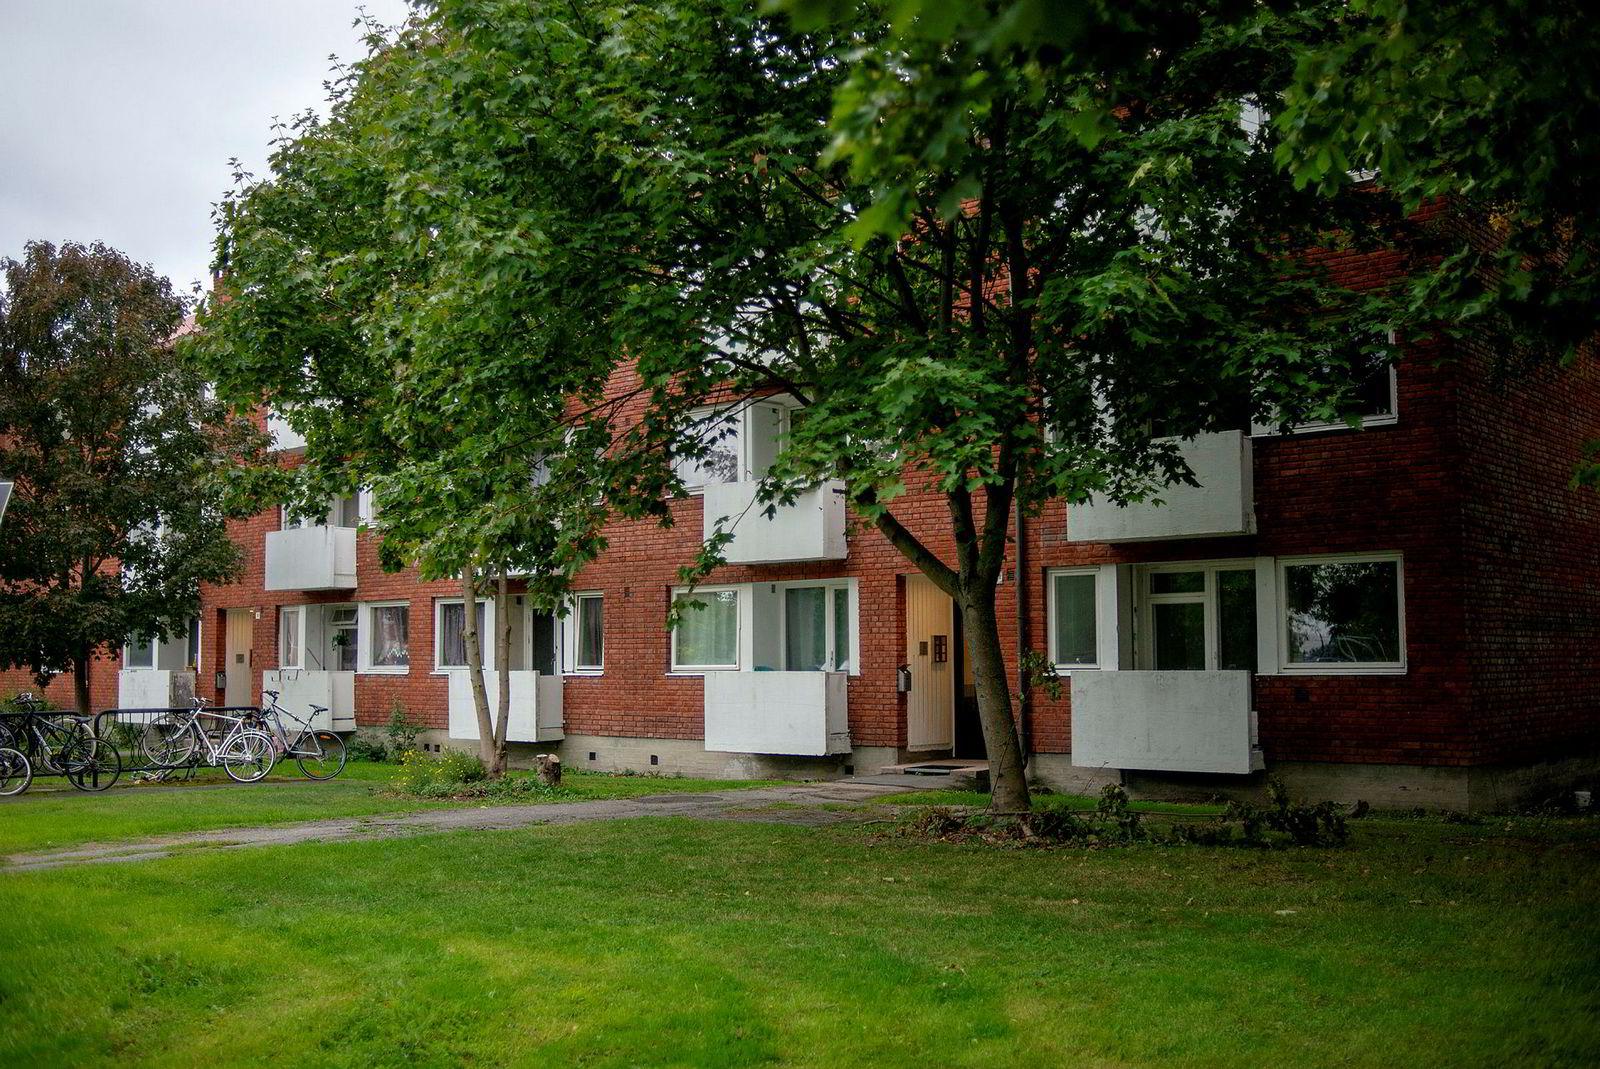 Anestesisykepleier Frode Halse har leid en liten leilighet i Sinsenveien 74 i mer enn 30 år. Da Tollefsen seksjonerte gården skulle han ha fått et tilbud om å kjøpe leiligheten til 20 prosent under markedspris. Det har Fredensborg innrømmet at han ikke fikk.